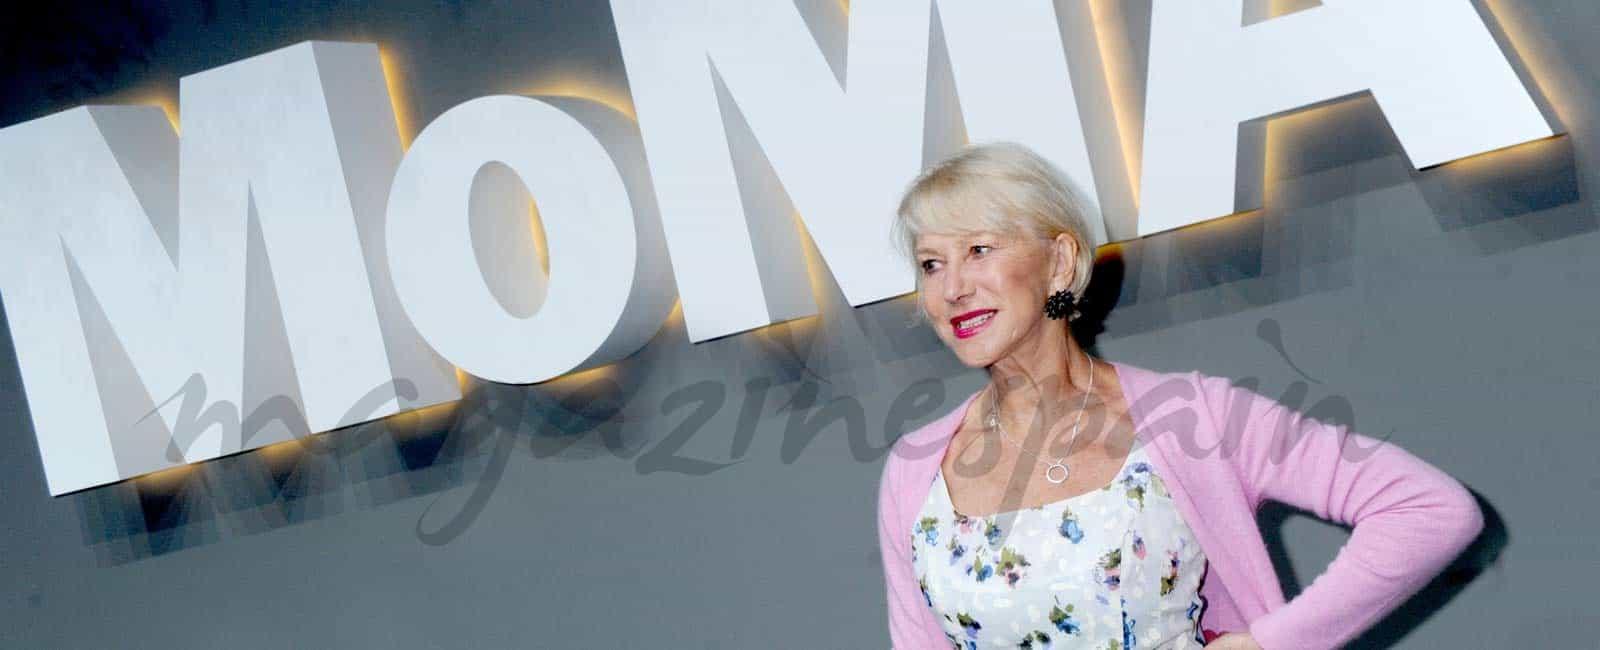 Helen Mirren, la invitada más elegante en el MoMA